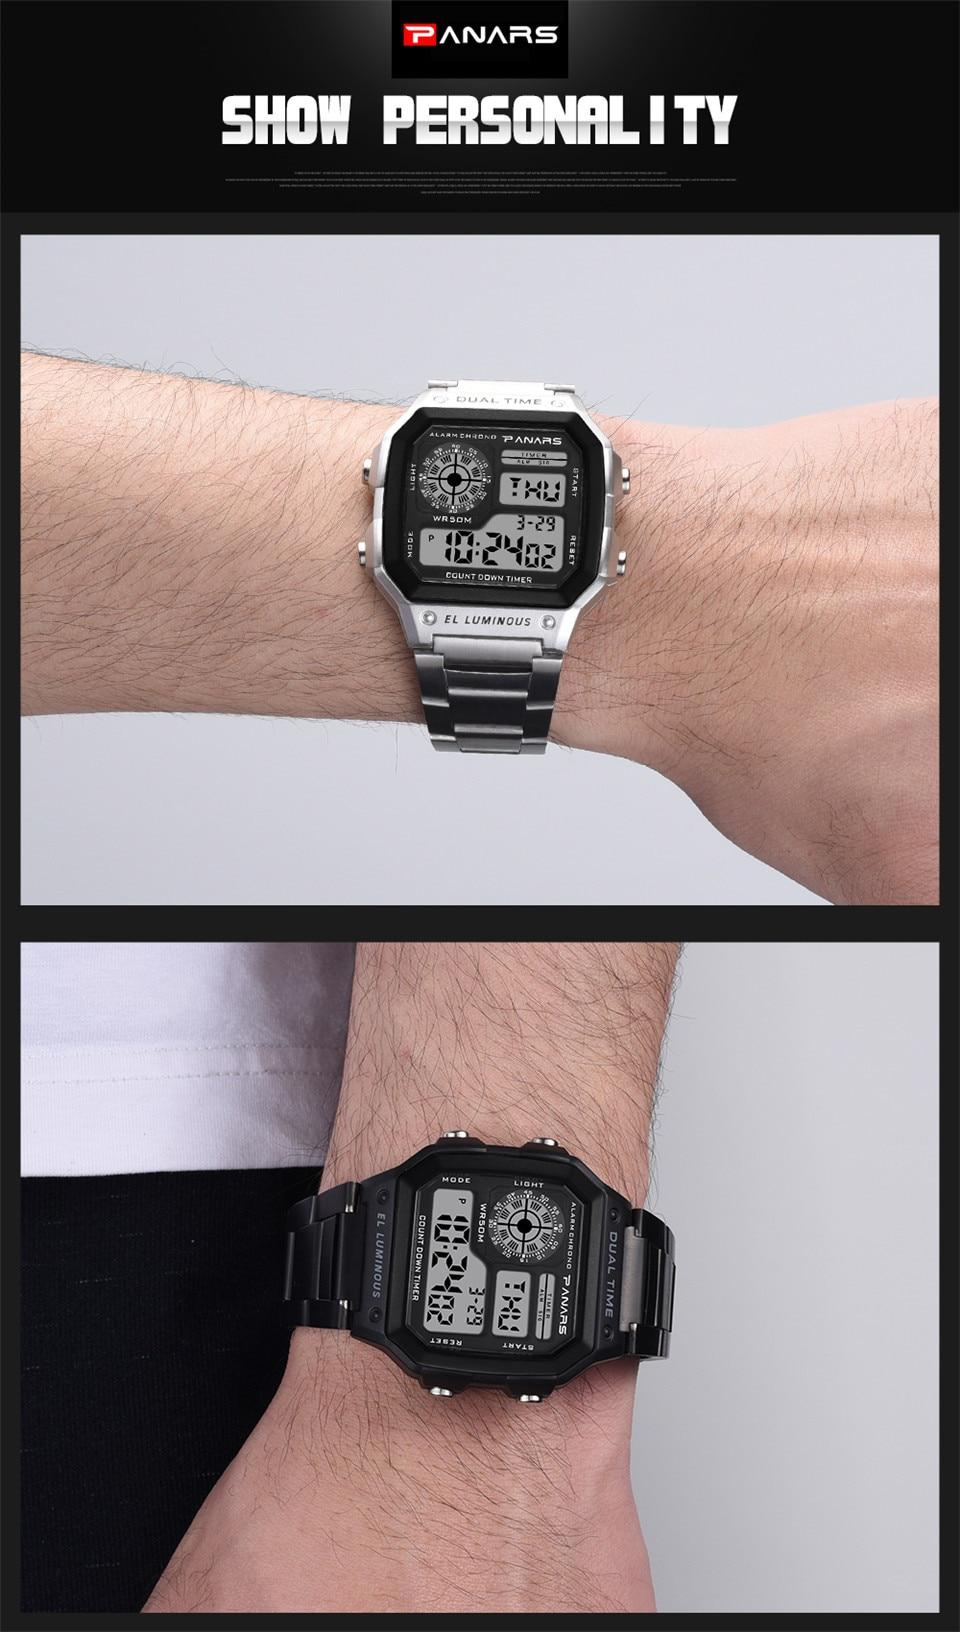 ef5dcfeaa57 Relógio de aço inoxidável Digital Wrist Watch Men Electronic Watch Luxury  Sport Watch LED Display Kol Saati Zegarki Meskie Horloges ...